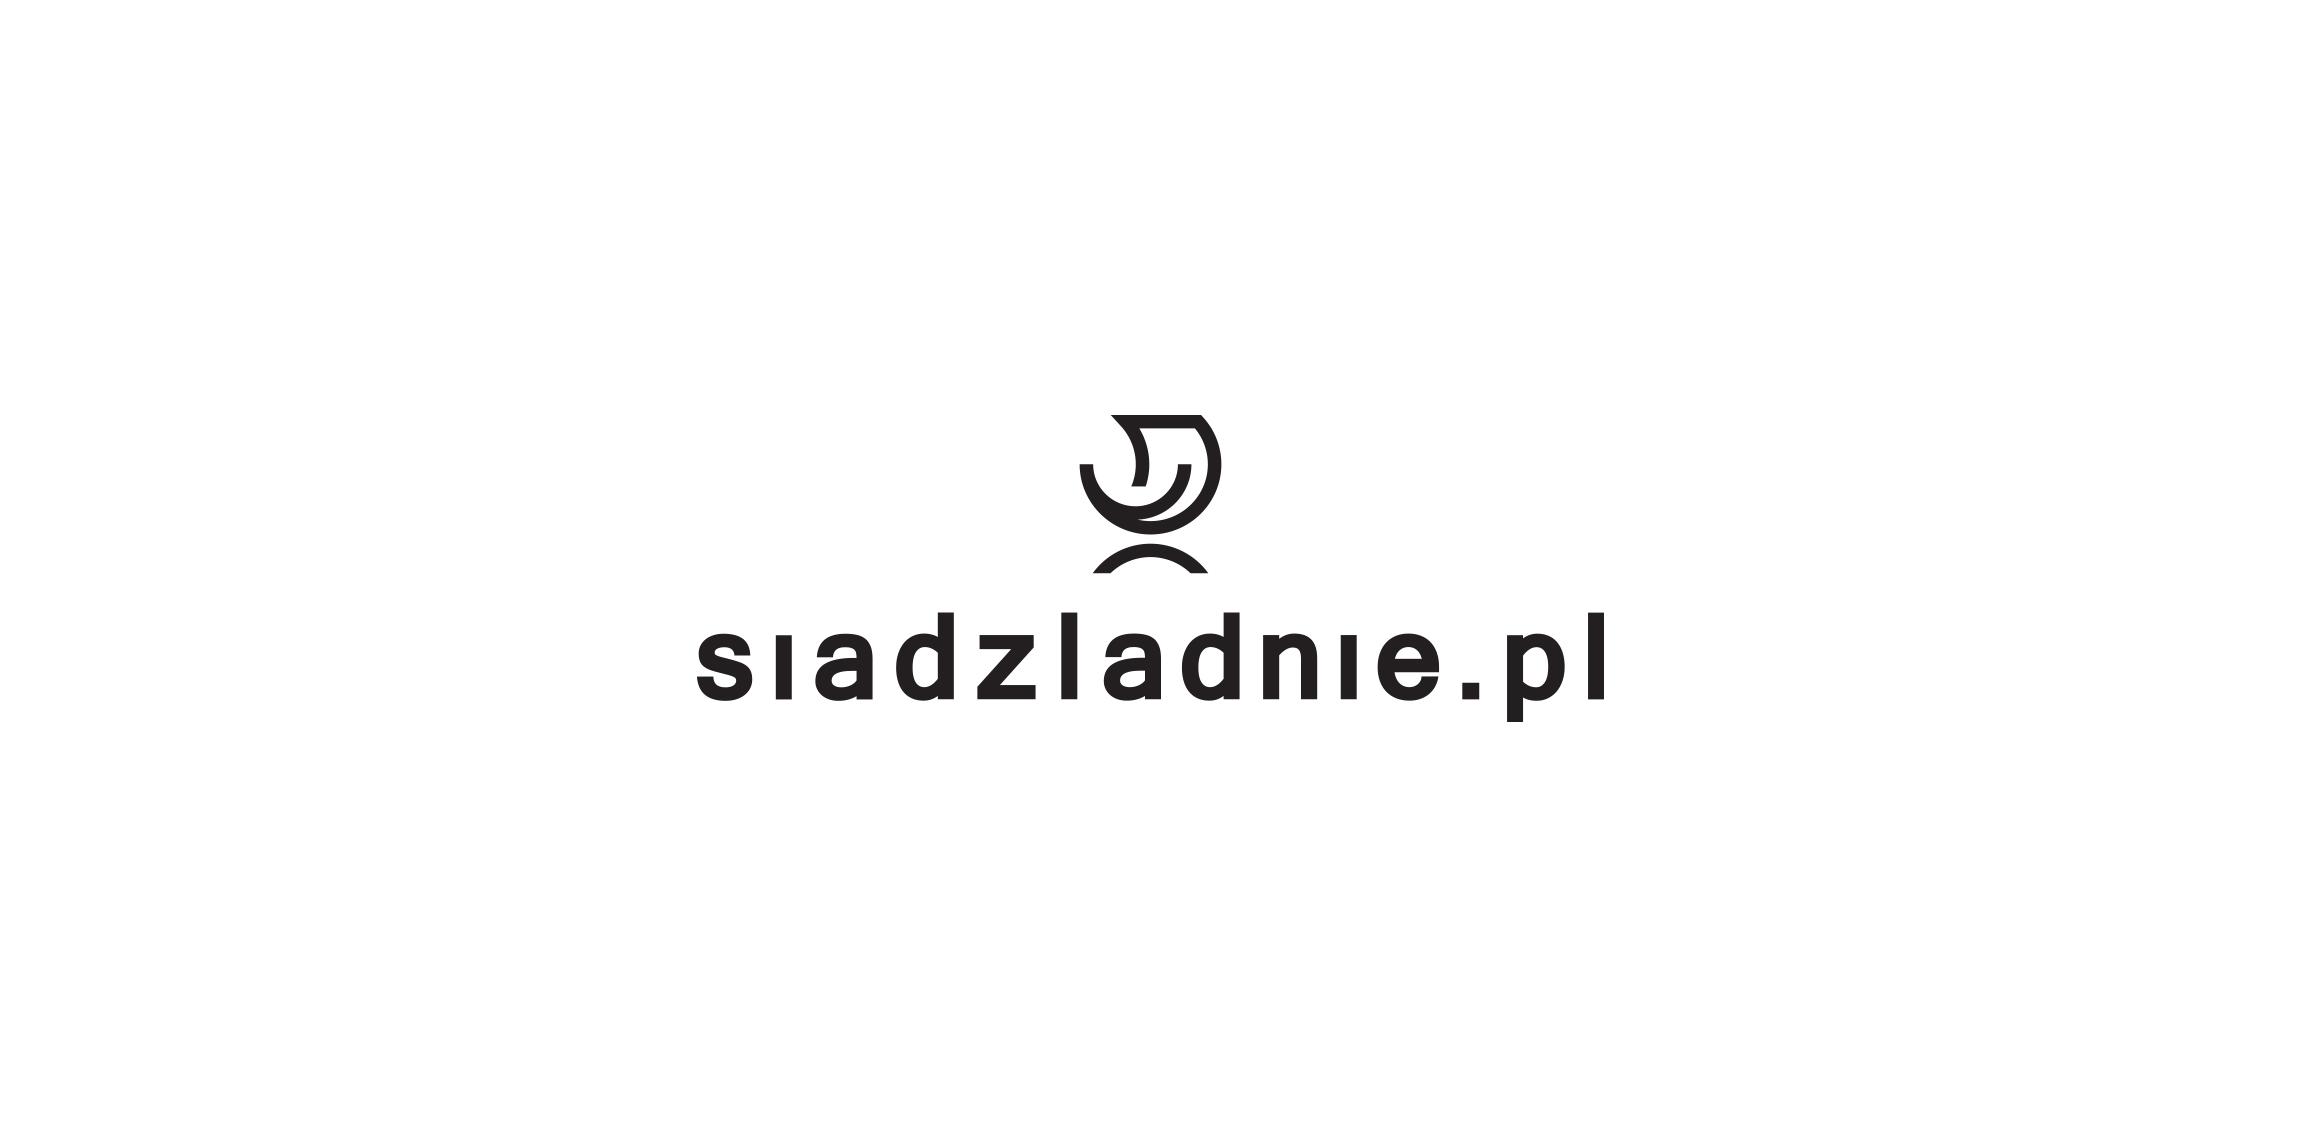 Siądźładnie.pl